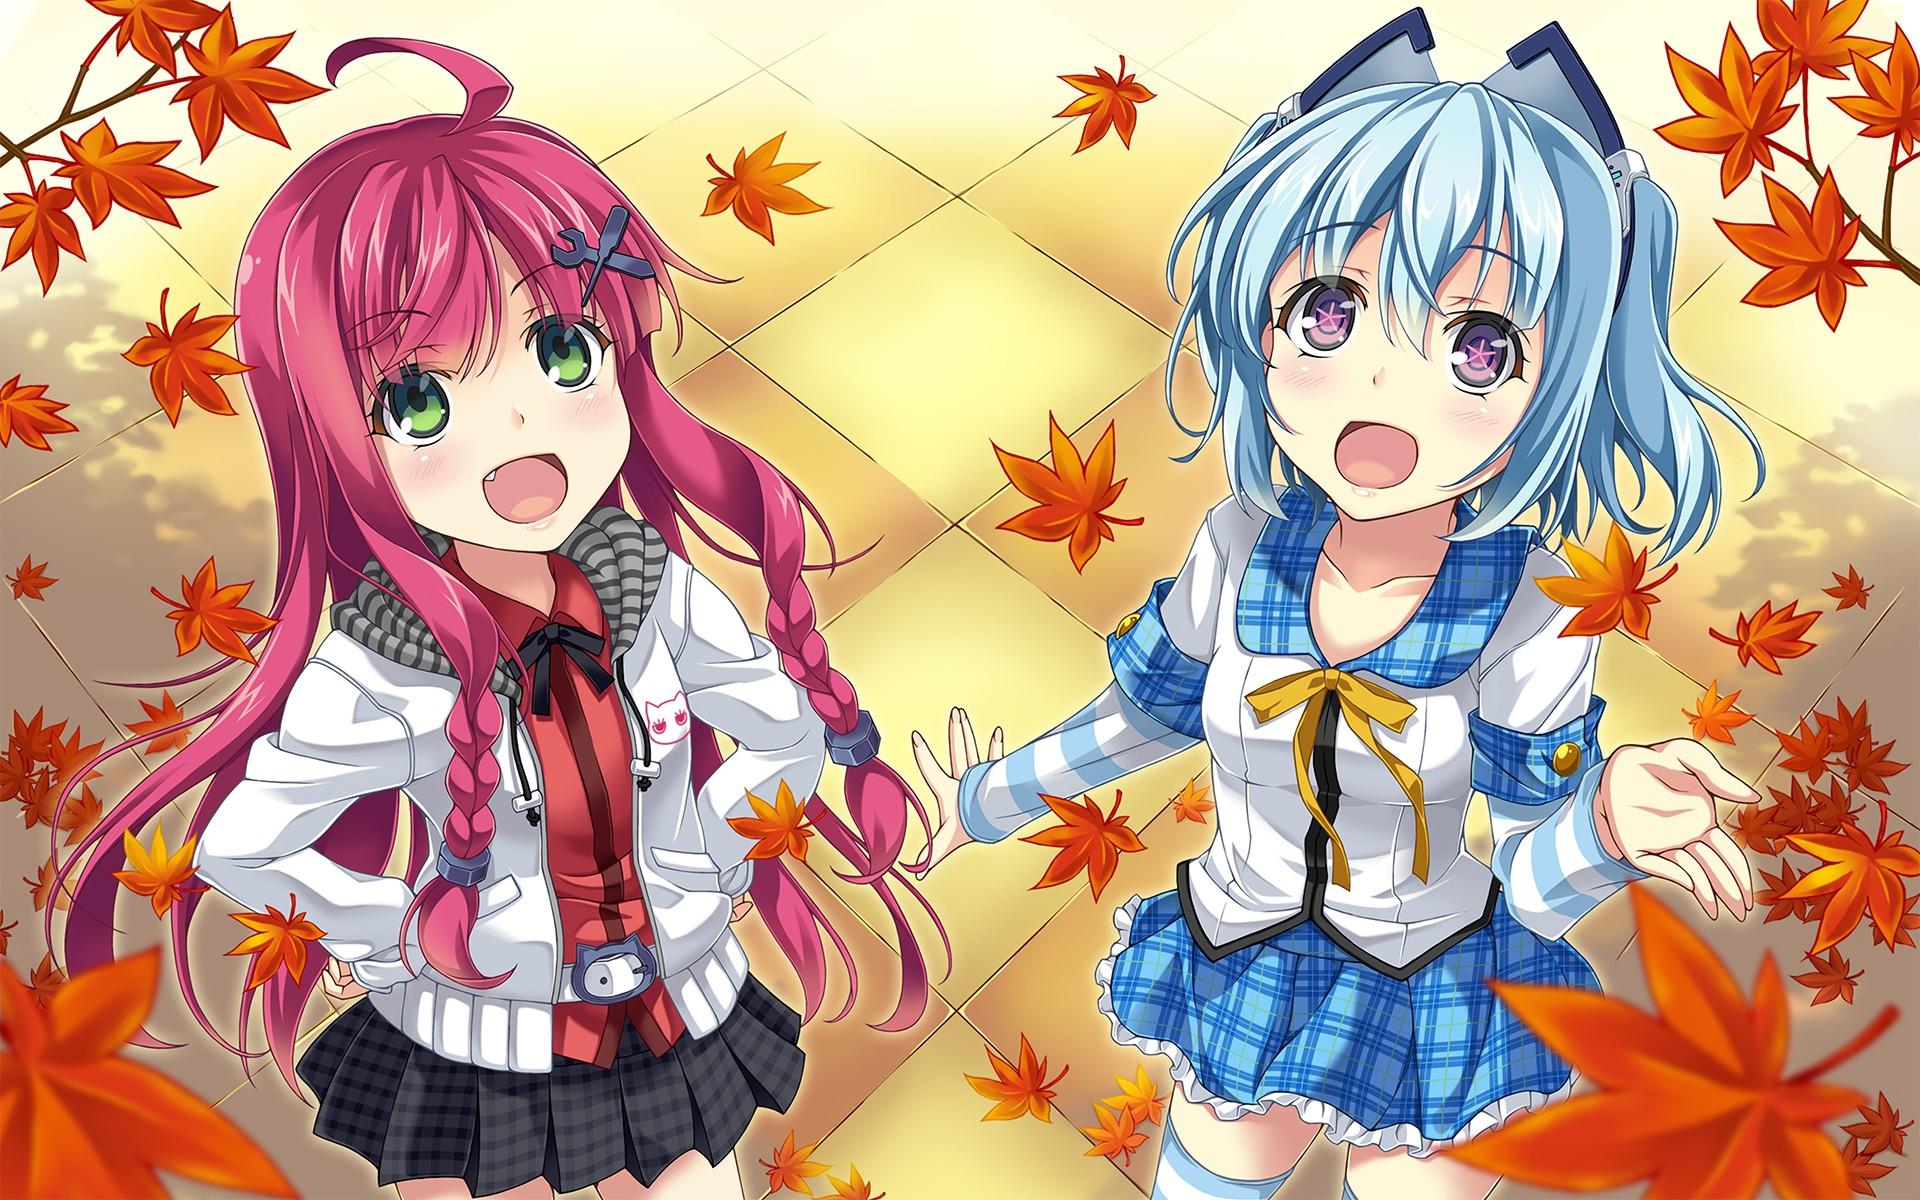 синие волосы, оригинальные персонажи, школьная форма, рыжие, девушки из аниме